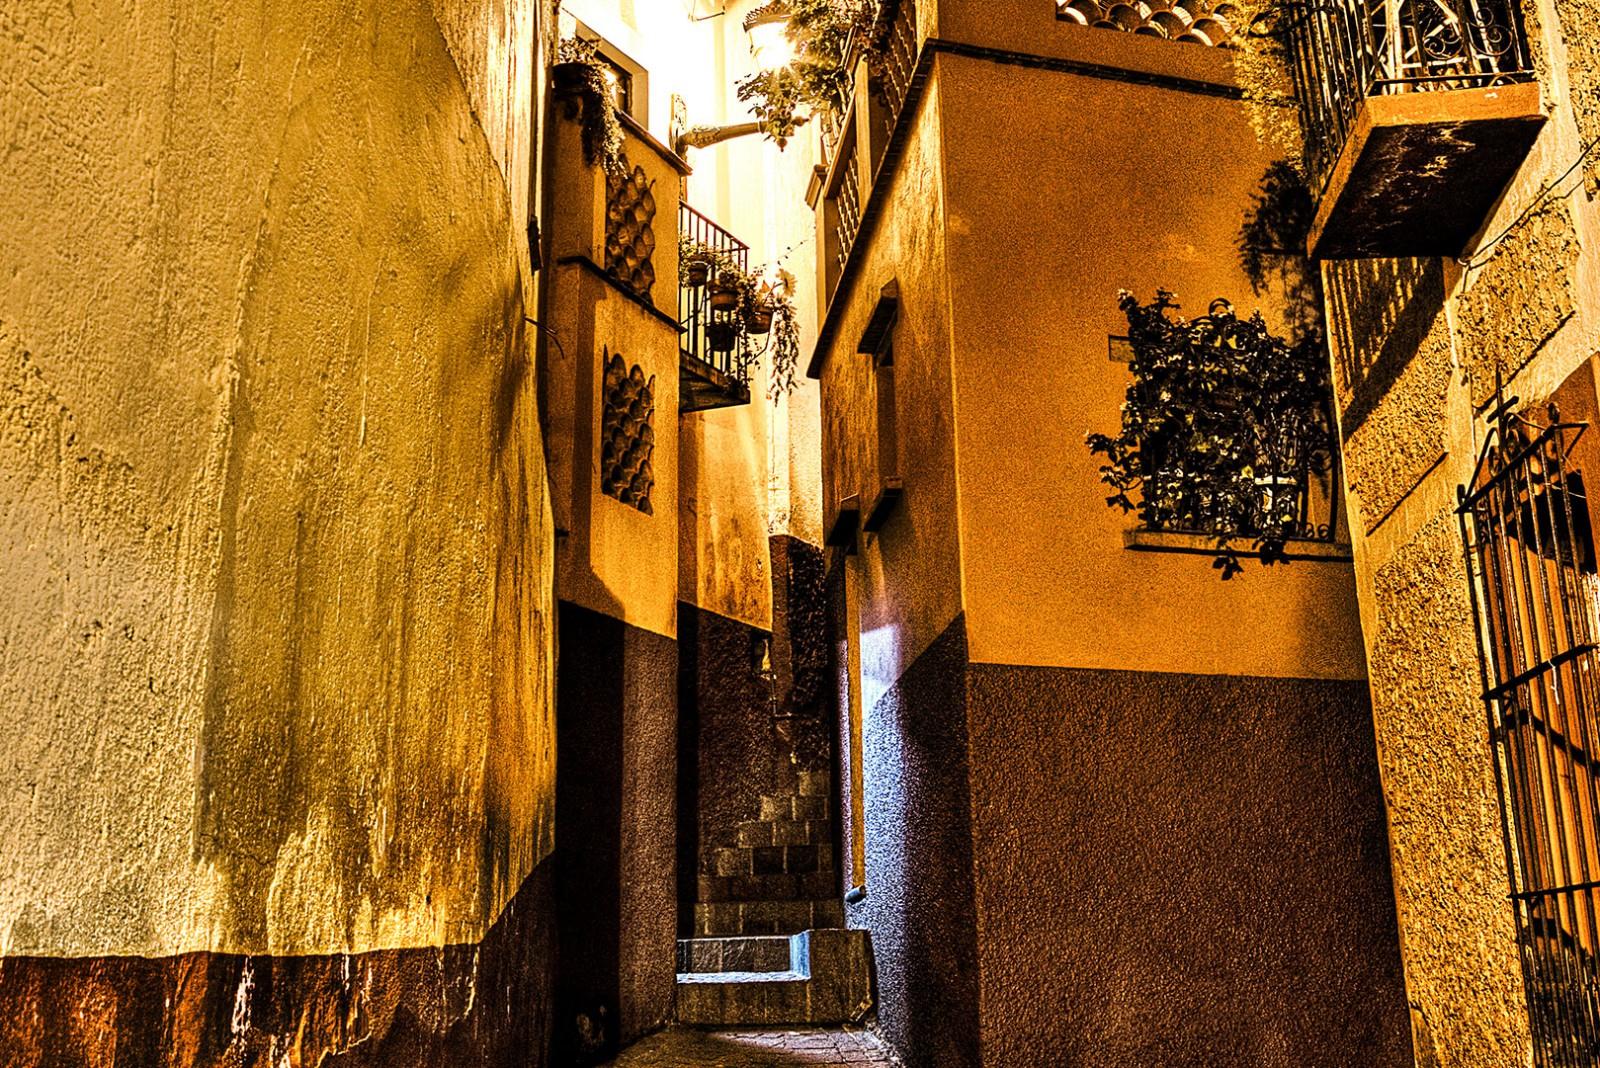 callejon del beso atractivos turisticos de Guanajuato